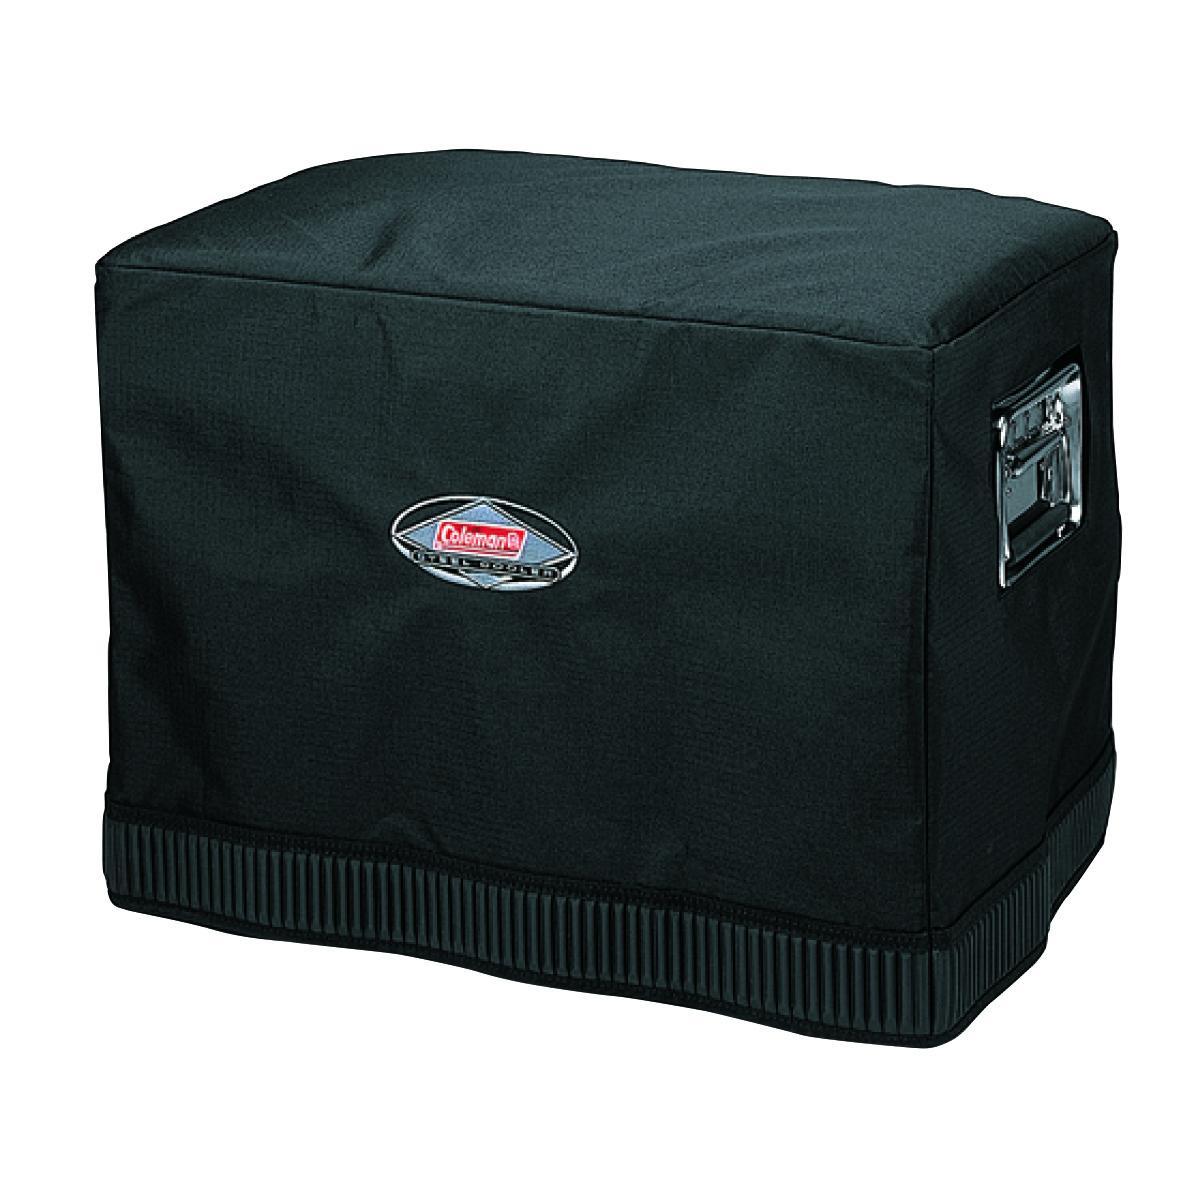 ├登山樂┤美國 Coleman 鋼甲冰箱專用保護套 #CM-61553M000